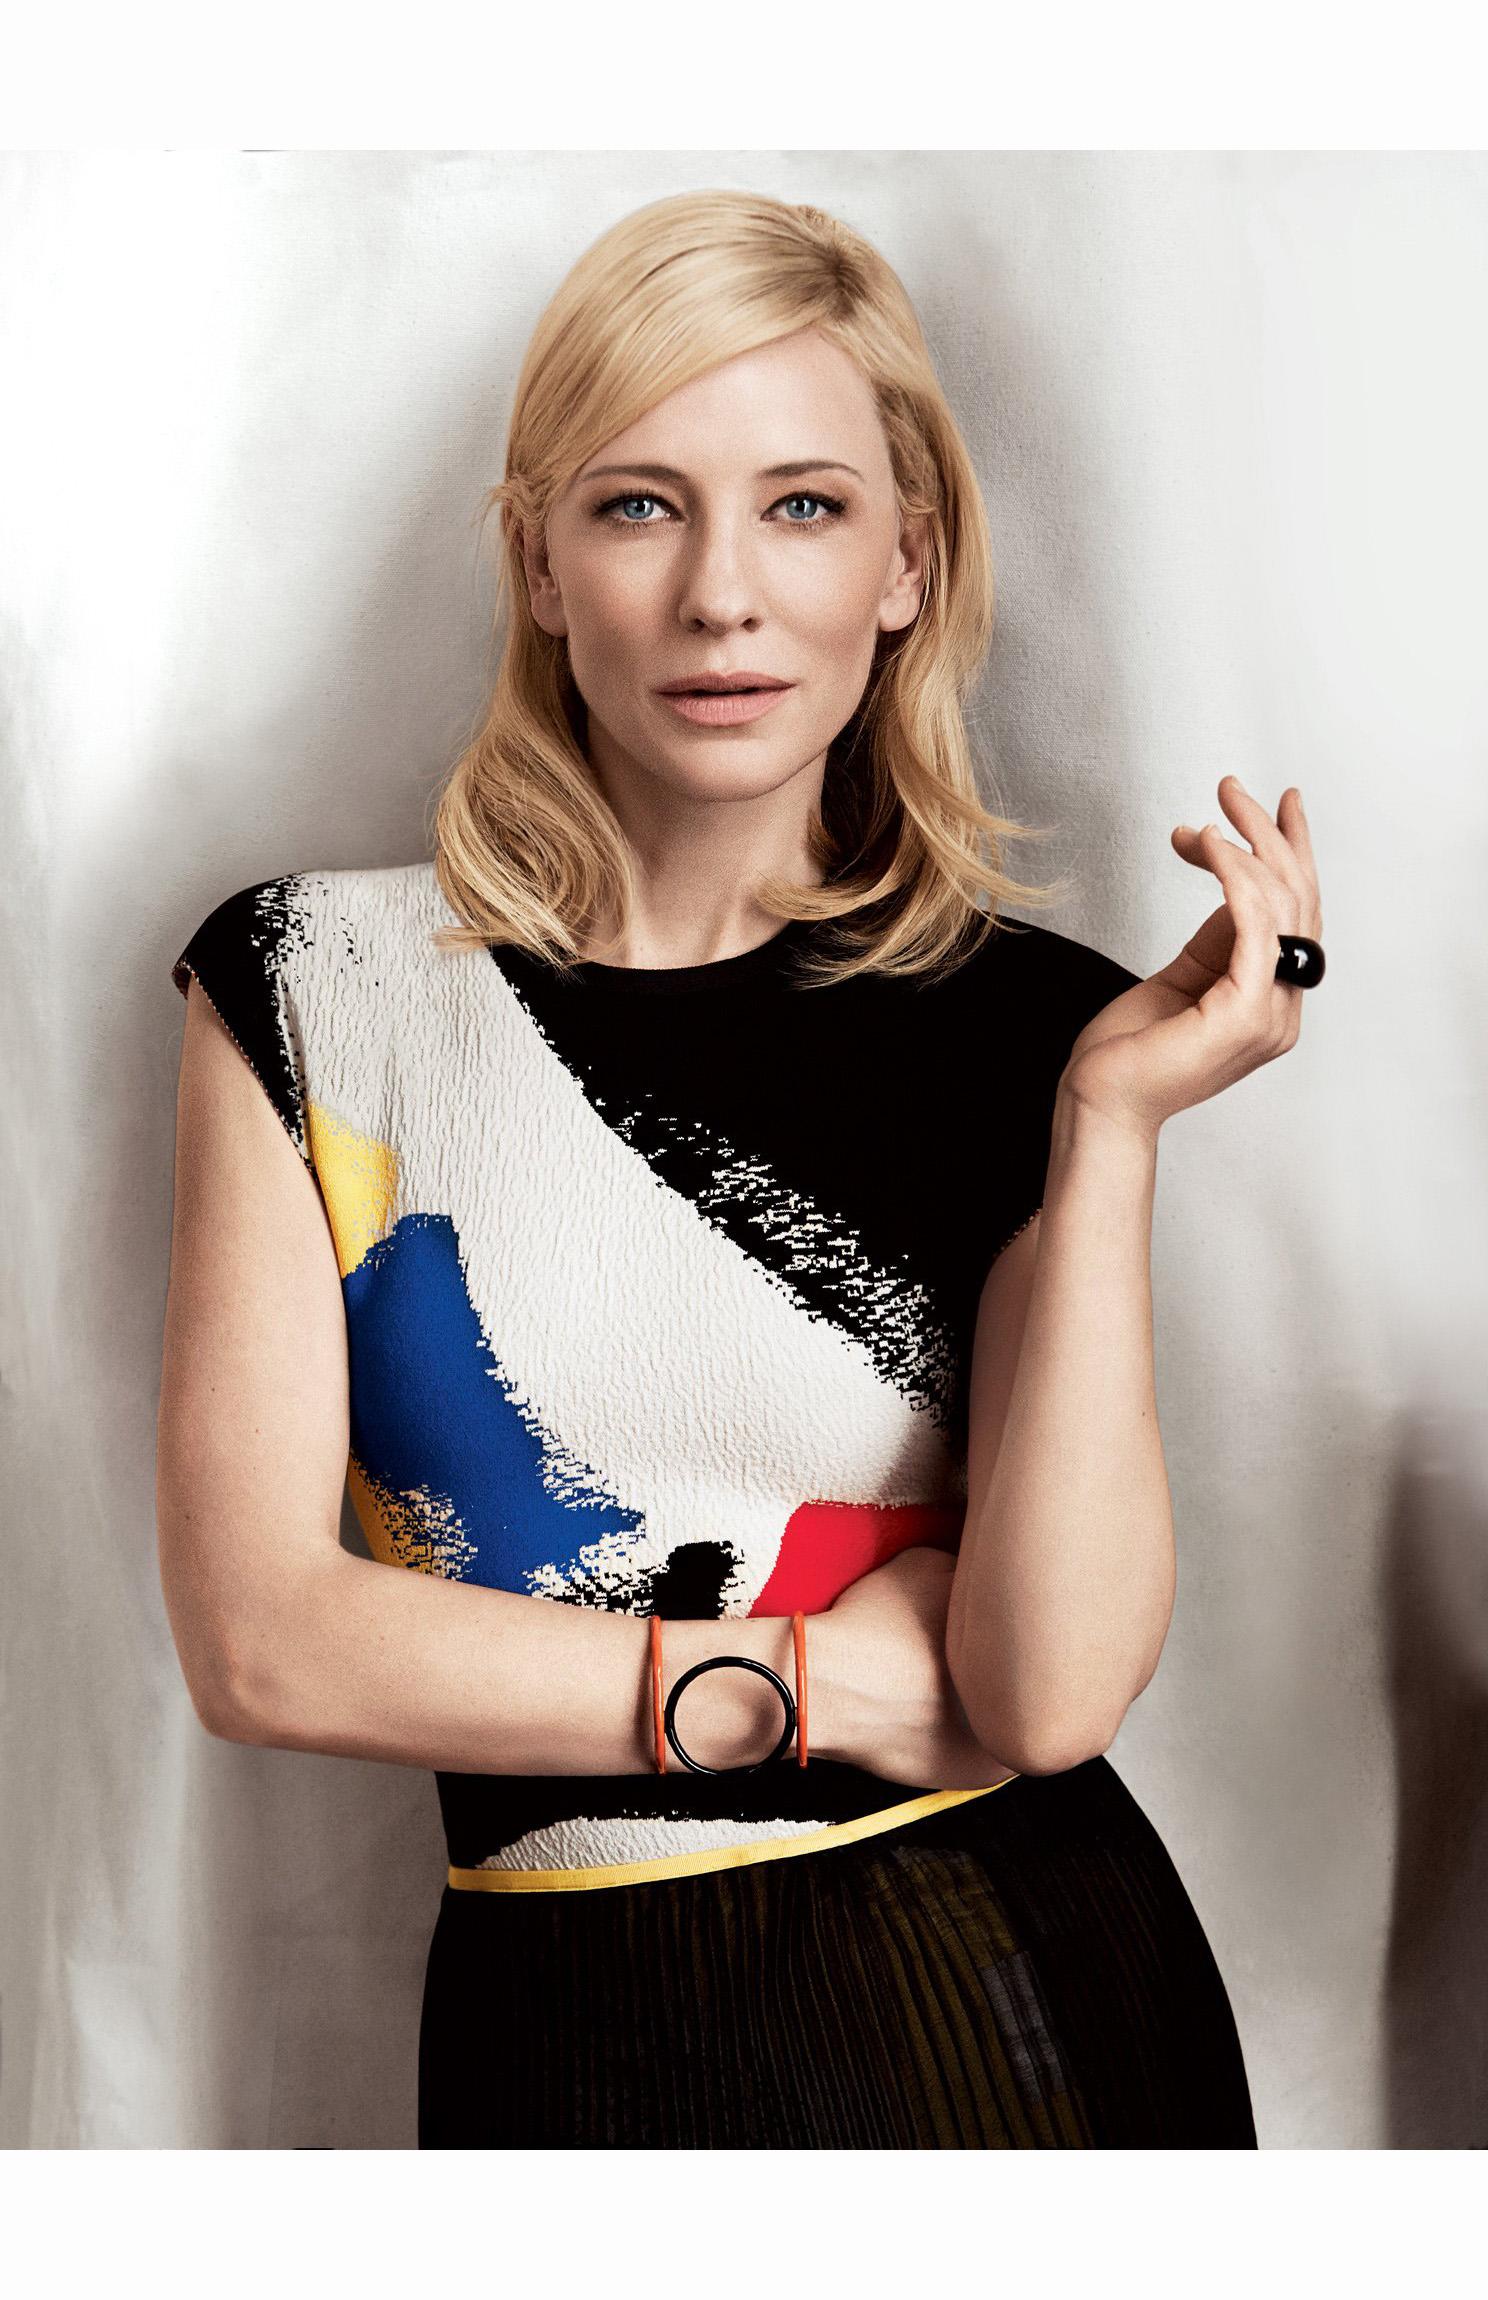 Cate Blanchett   © Pleasurephoto Cate Blanchett